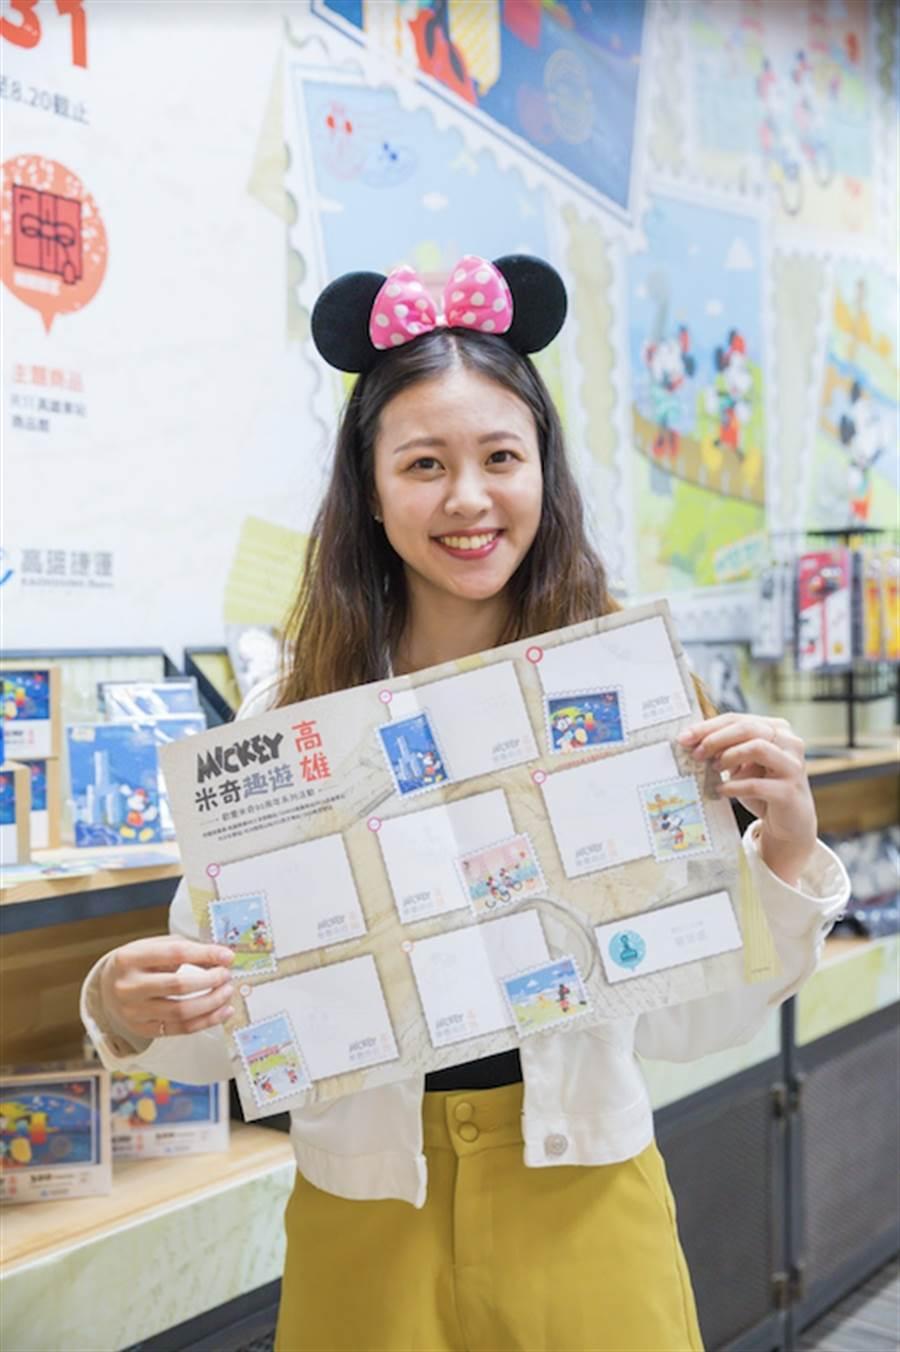 在R11高雄車站商品館購買任一款米奇系列商品,就可獲得1張「米奇趣遊高雄」集章DM。(台灣華特迪士尼提供)